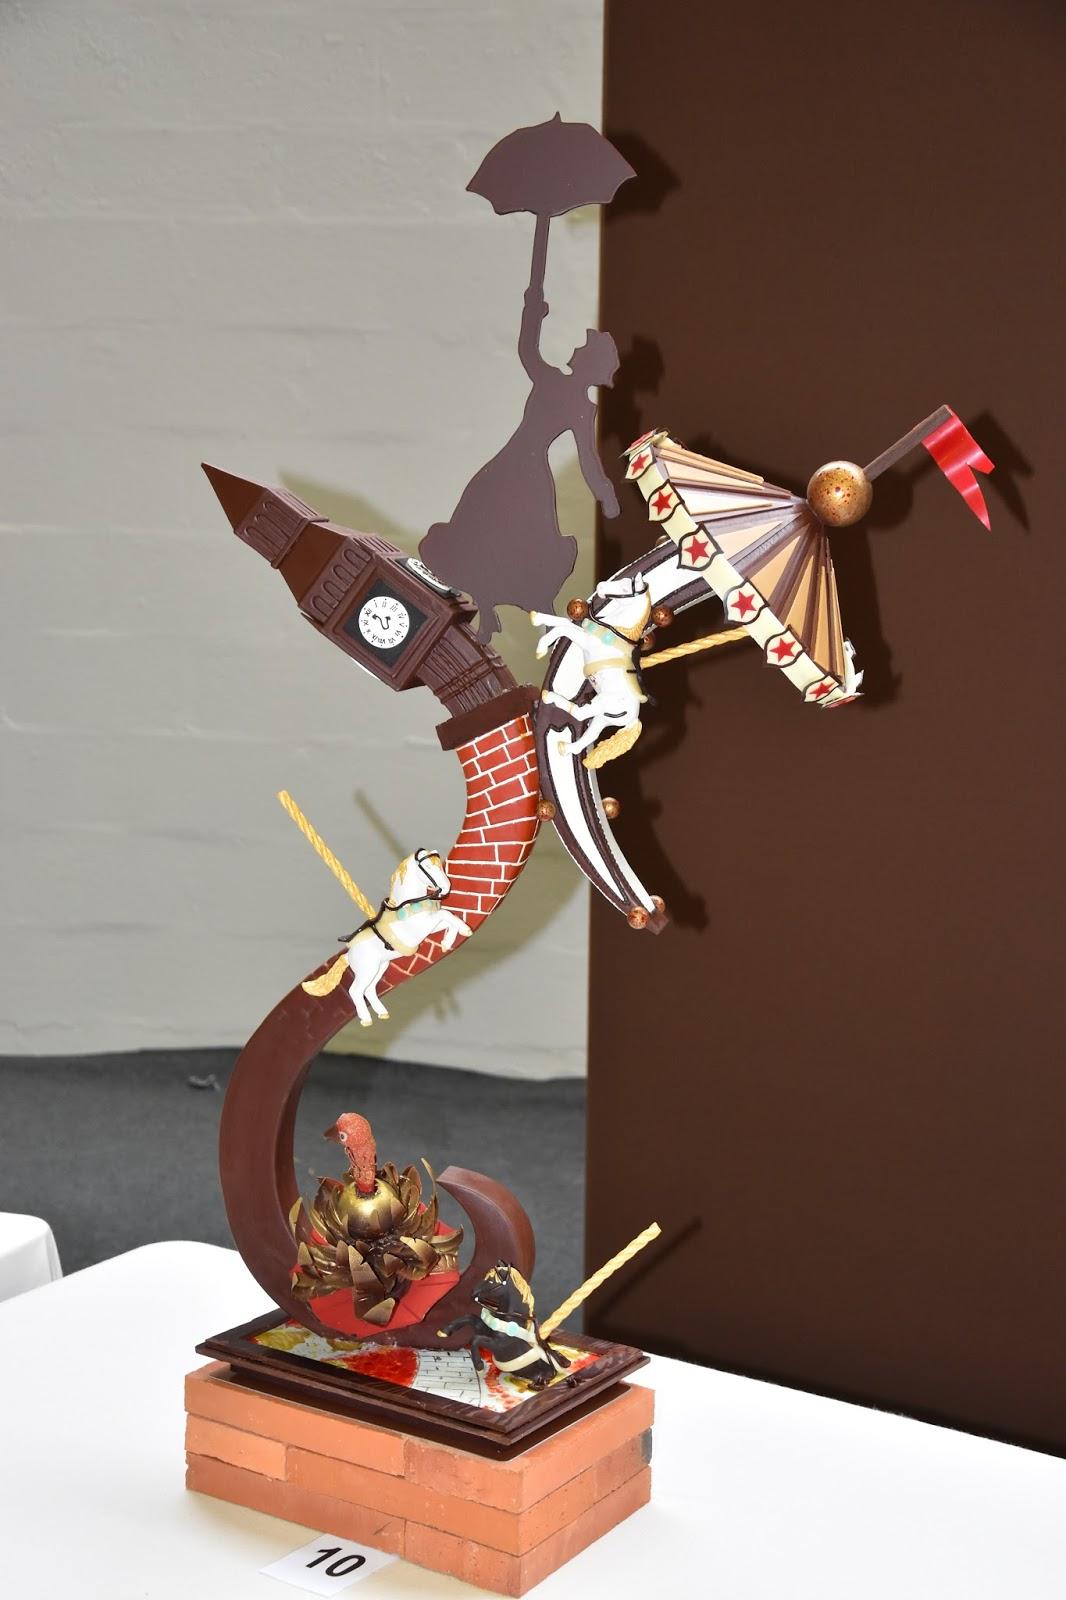 kamishi 39 by breizh le salon du chocolat et des gourmandises 2015 sur le theme des contes et. Black Bedroom Furniture Sets. Home Design Ideas